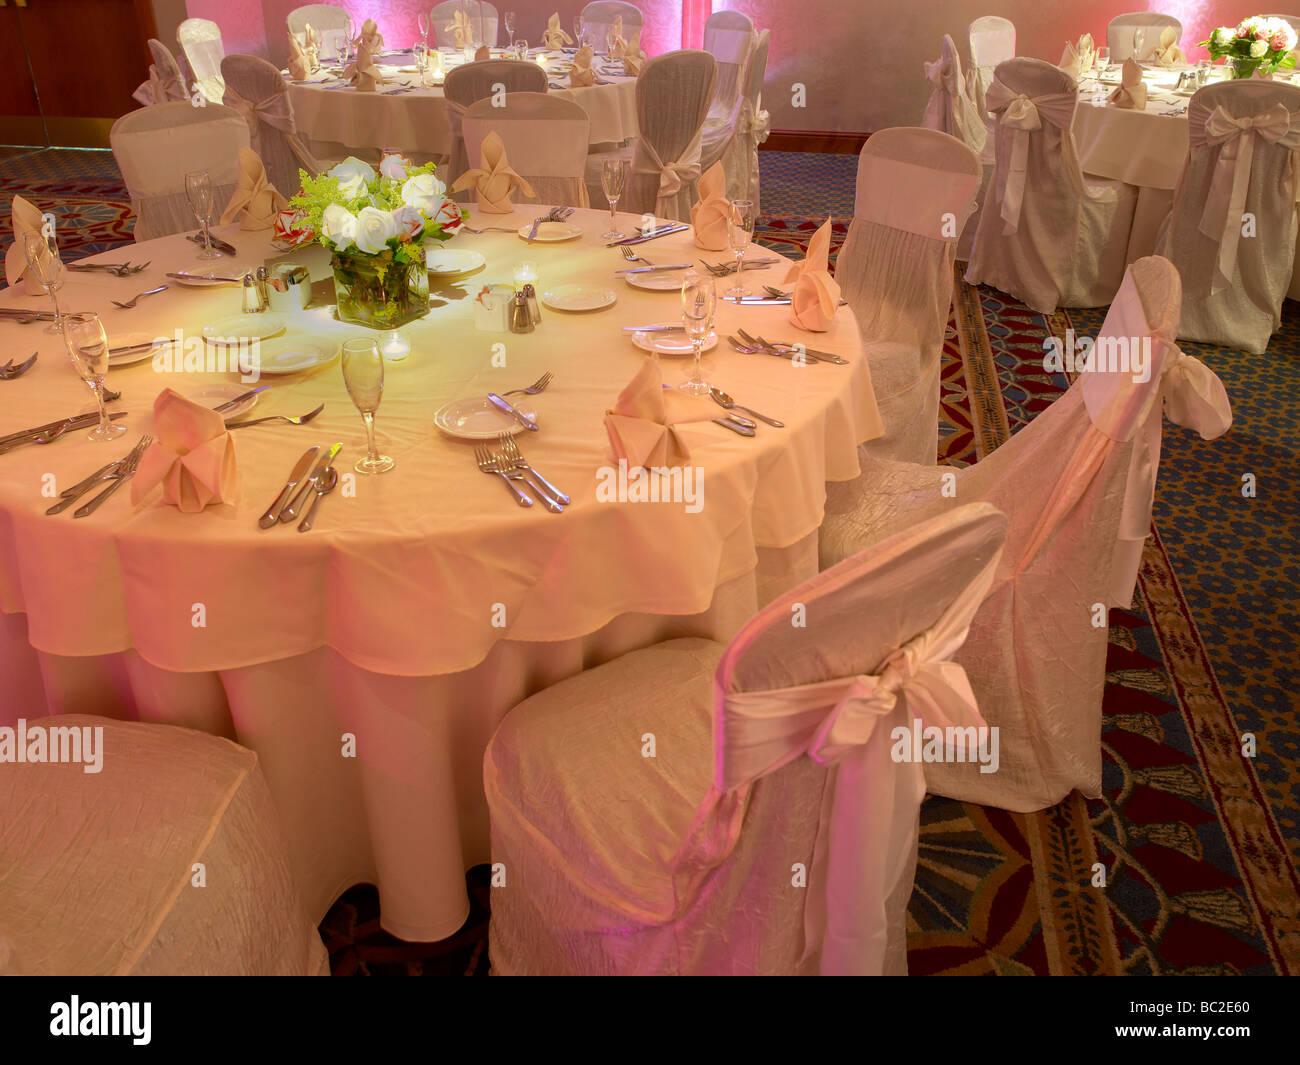 Elegante Hochzeit Tischdekoration Stockbild